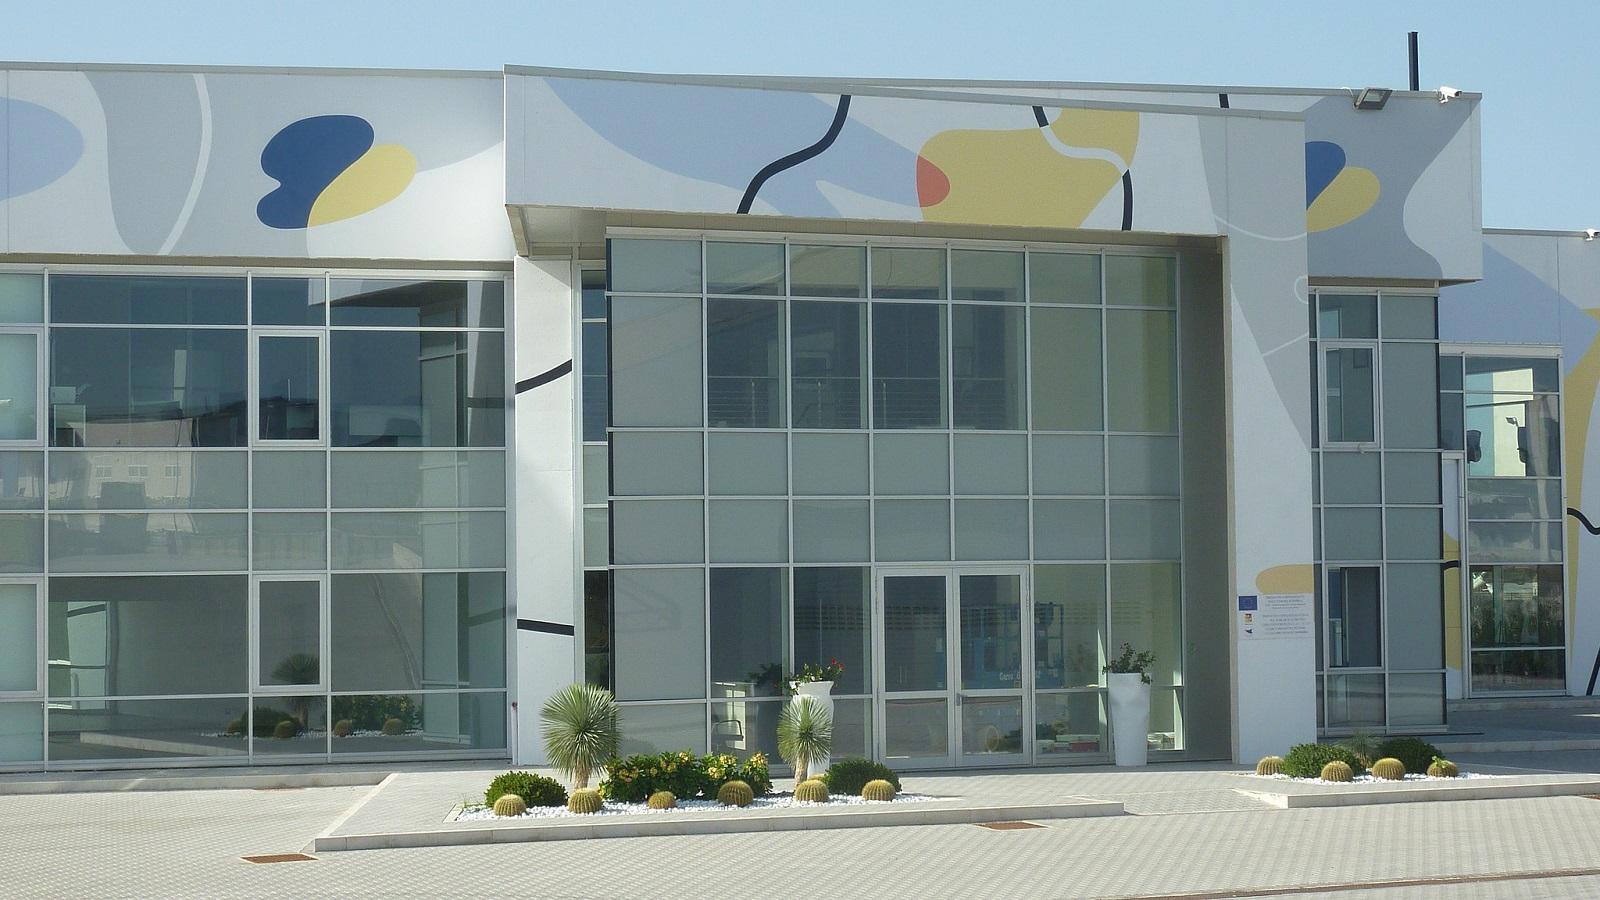 gue-new-murals-in-castrofilippo-and-modica-10